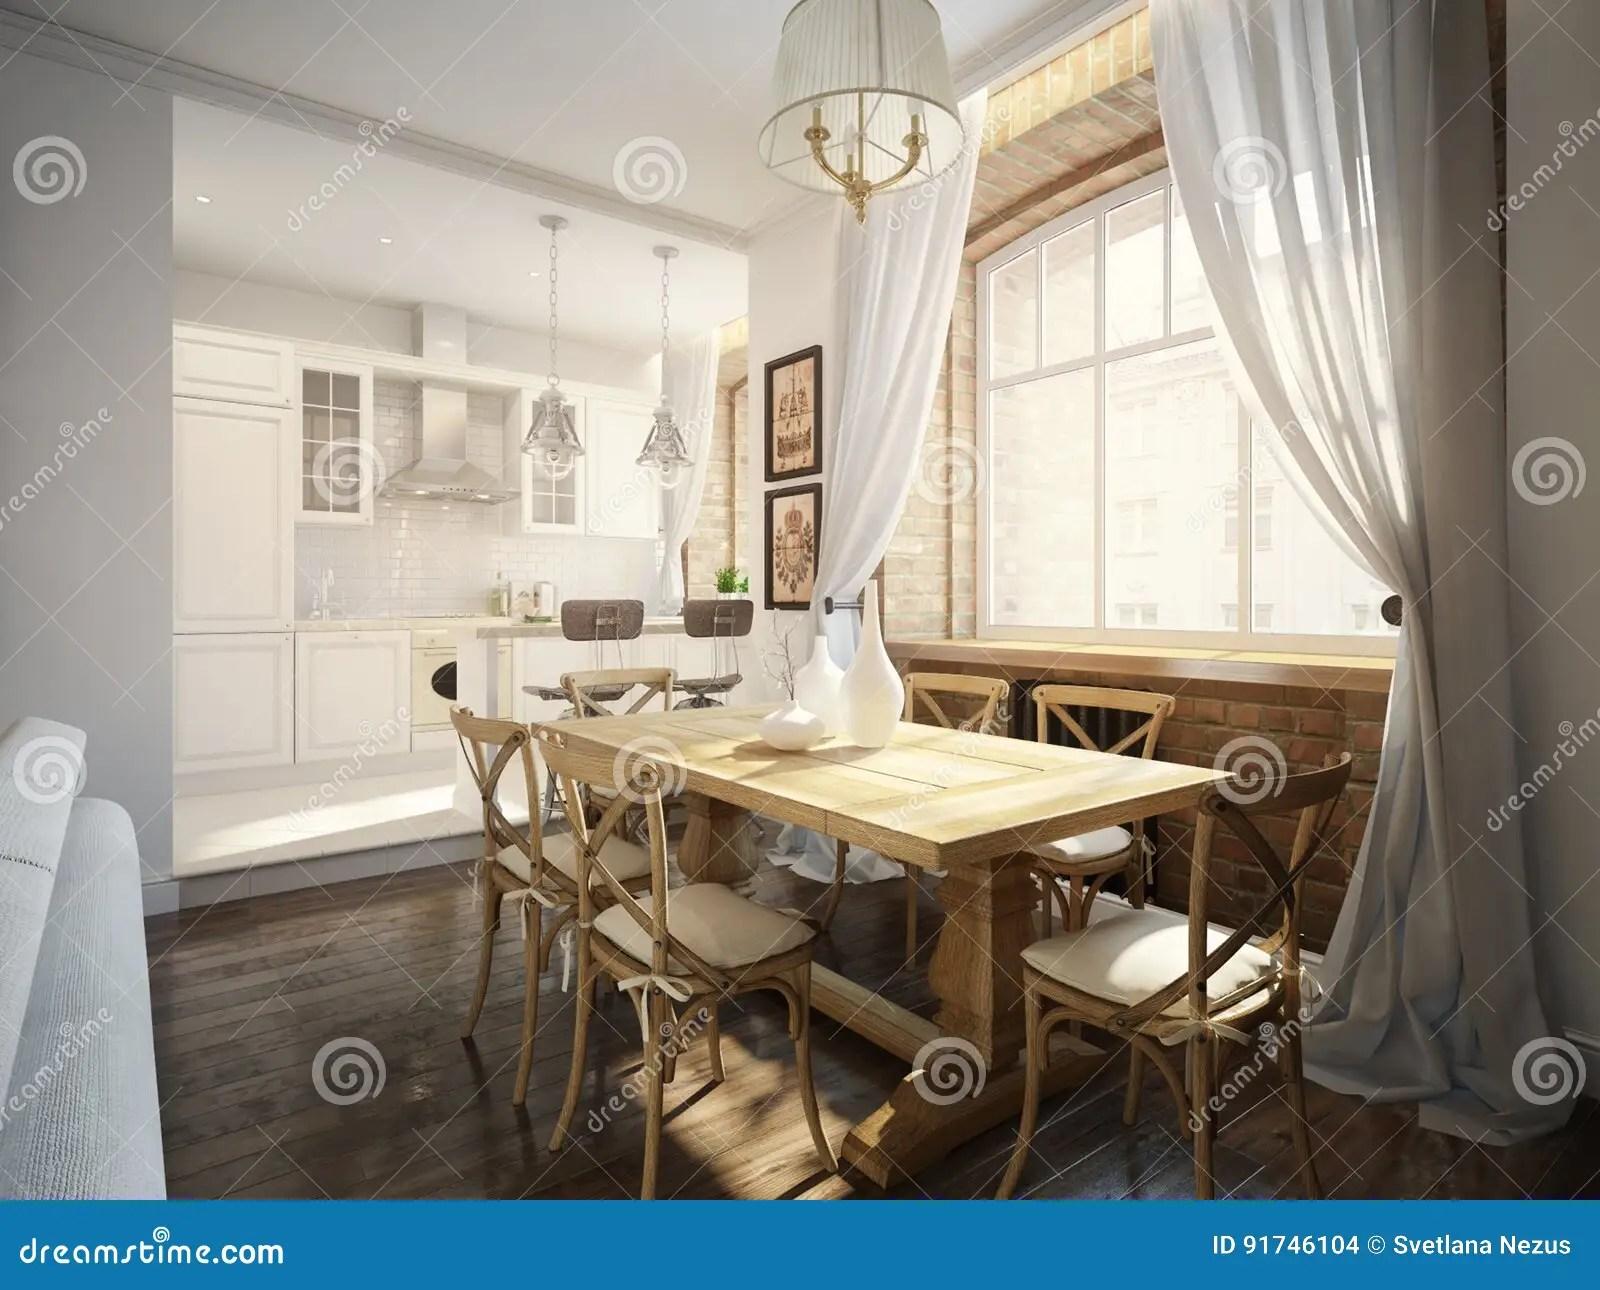 Cucina Classica Moderna Bianca | Cucina Bianca Classica Stile ...